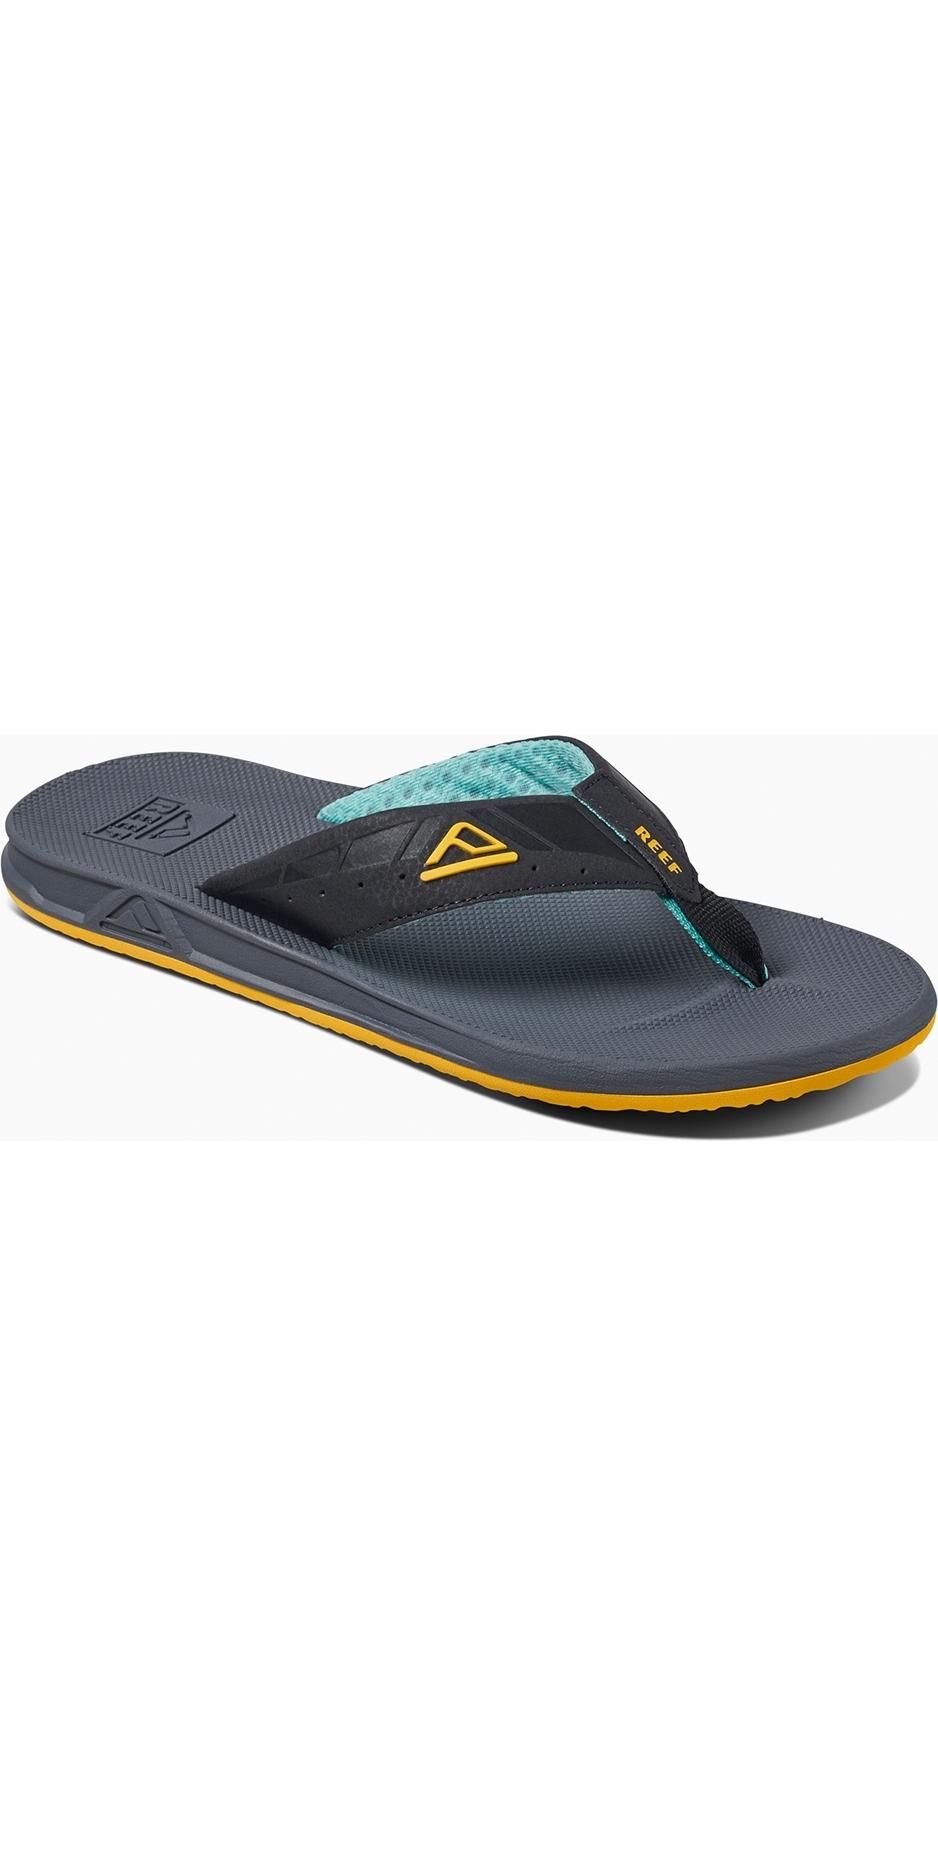 1afd28a69922 Reef Mens Phantoms Flip Flops Aqua Yellow RF002046